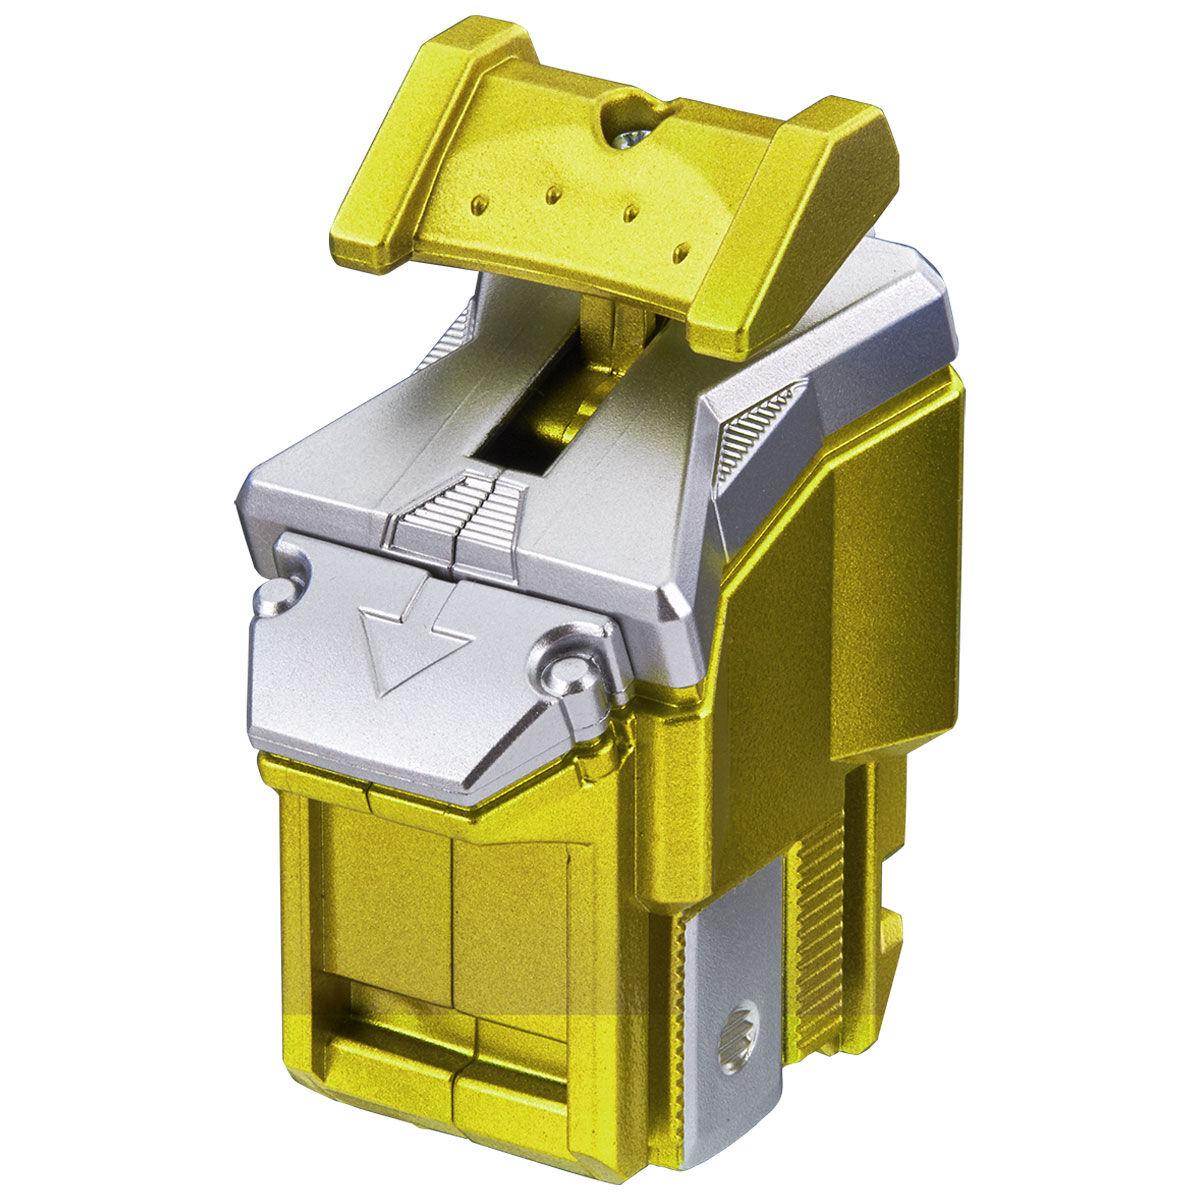 【限定販売】仮面ライダーフォーゼ『変身ベルト DXなでしこドライバー』仮面ライダーなでしこ 変身なりきり-008